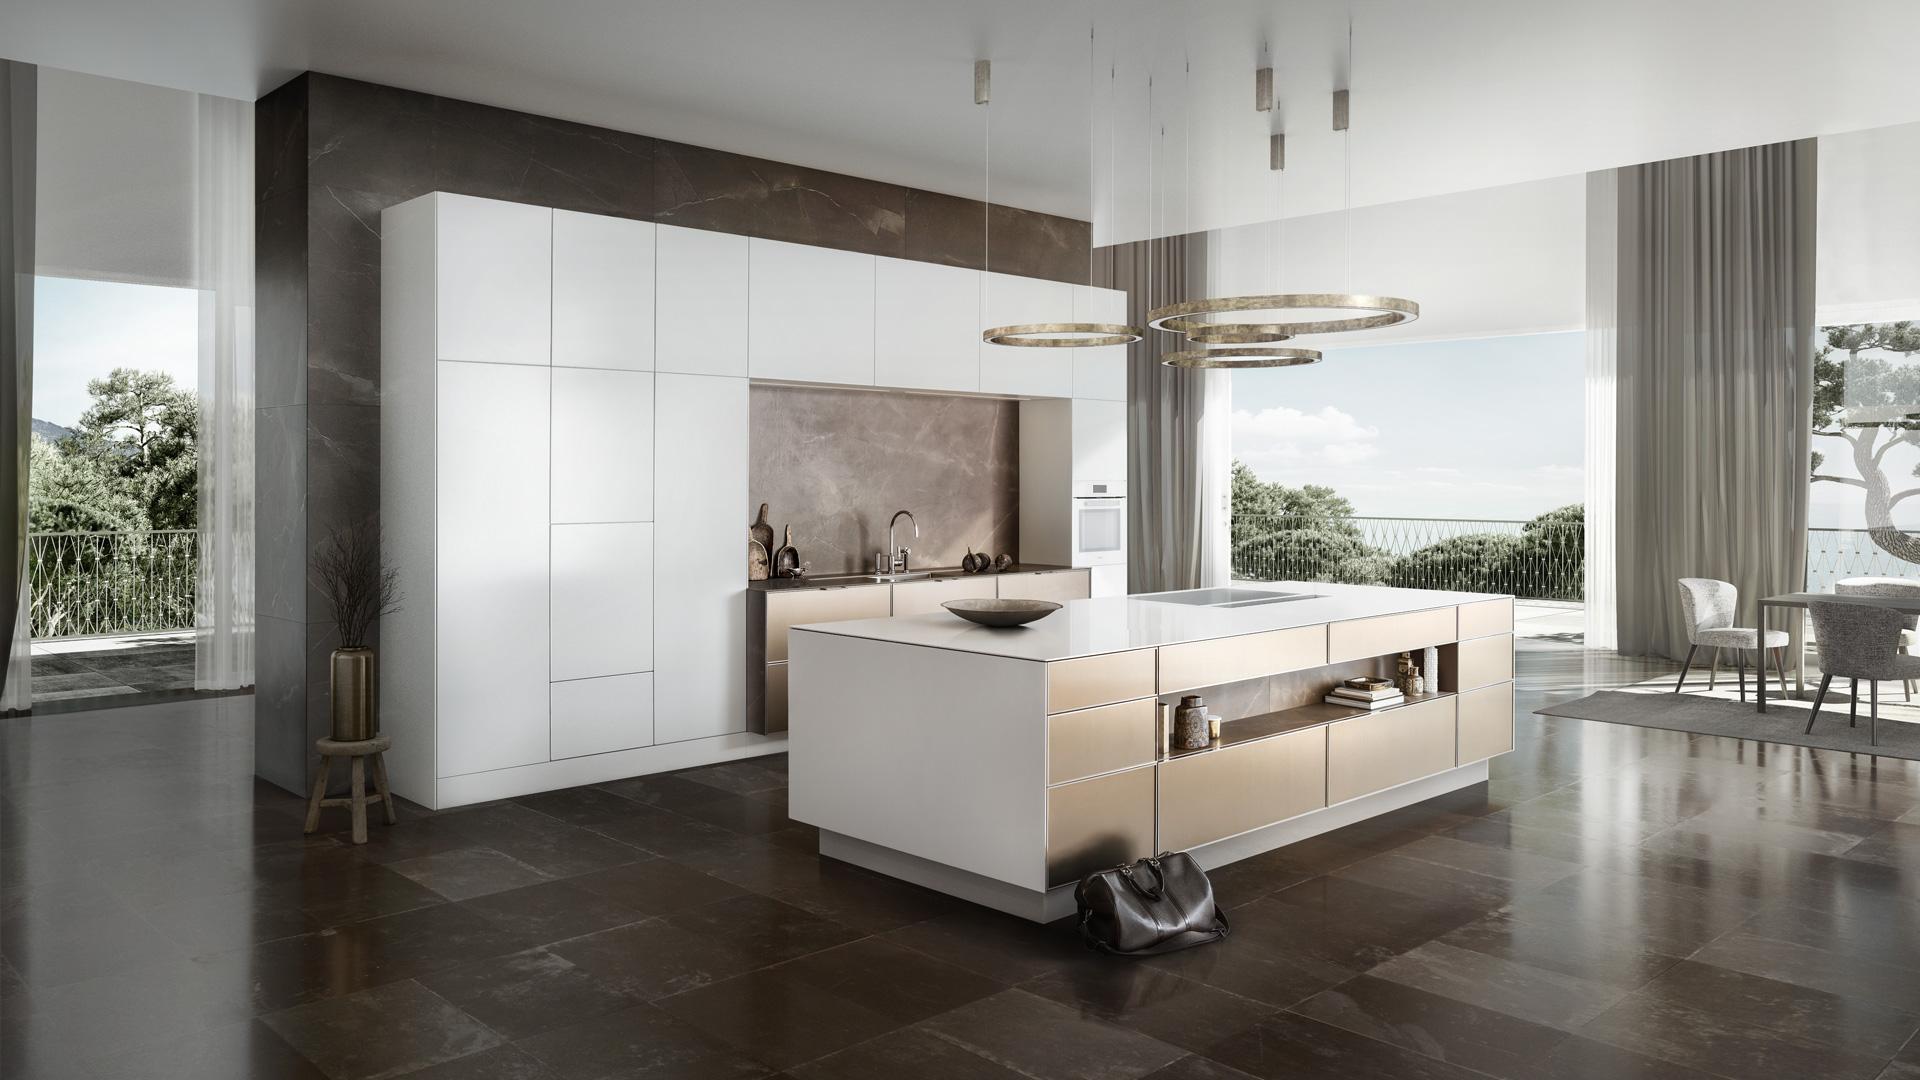 Nieuwe Design Keuken : Pure keuken ontwerpers oosterhout